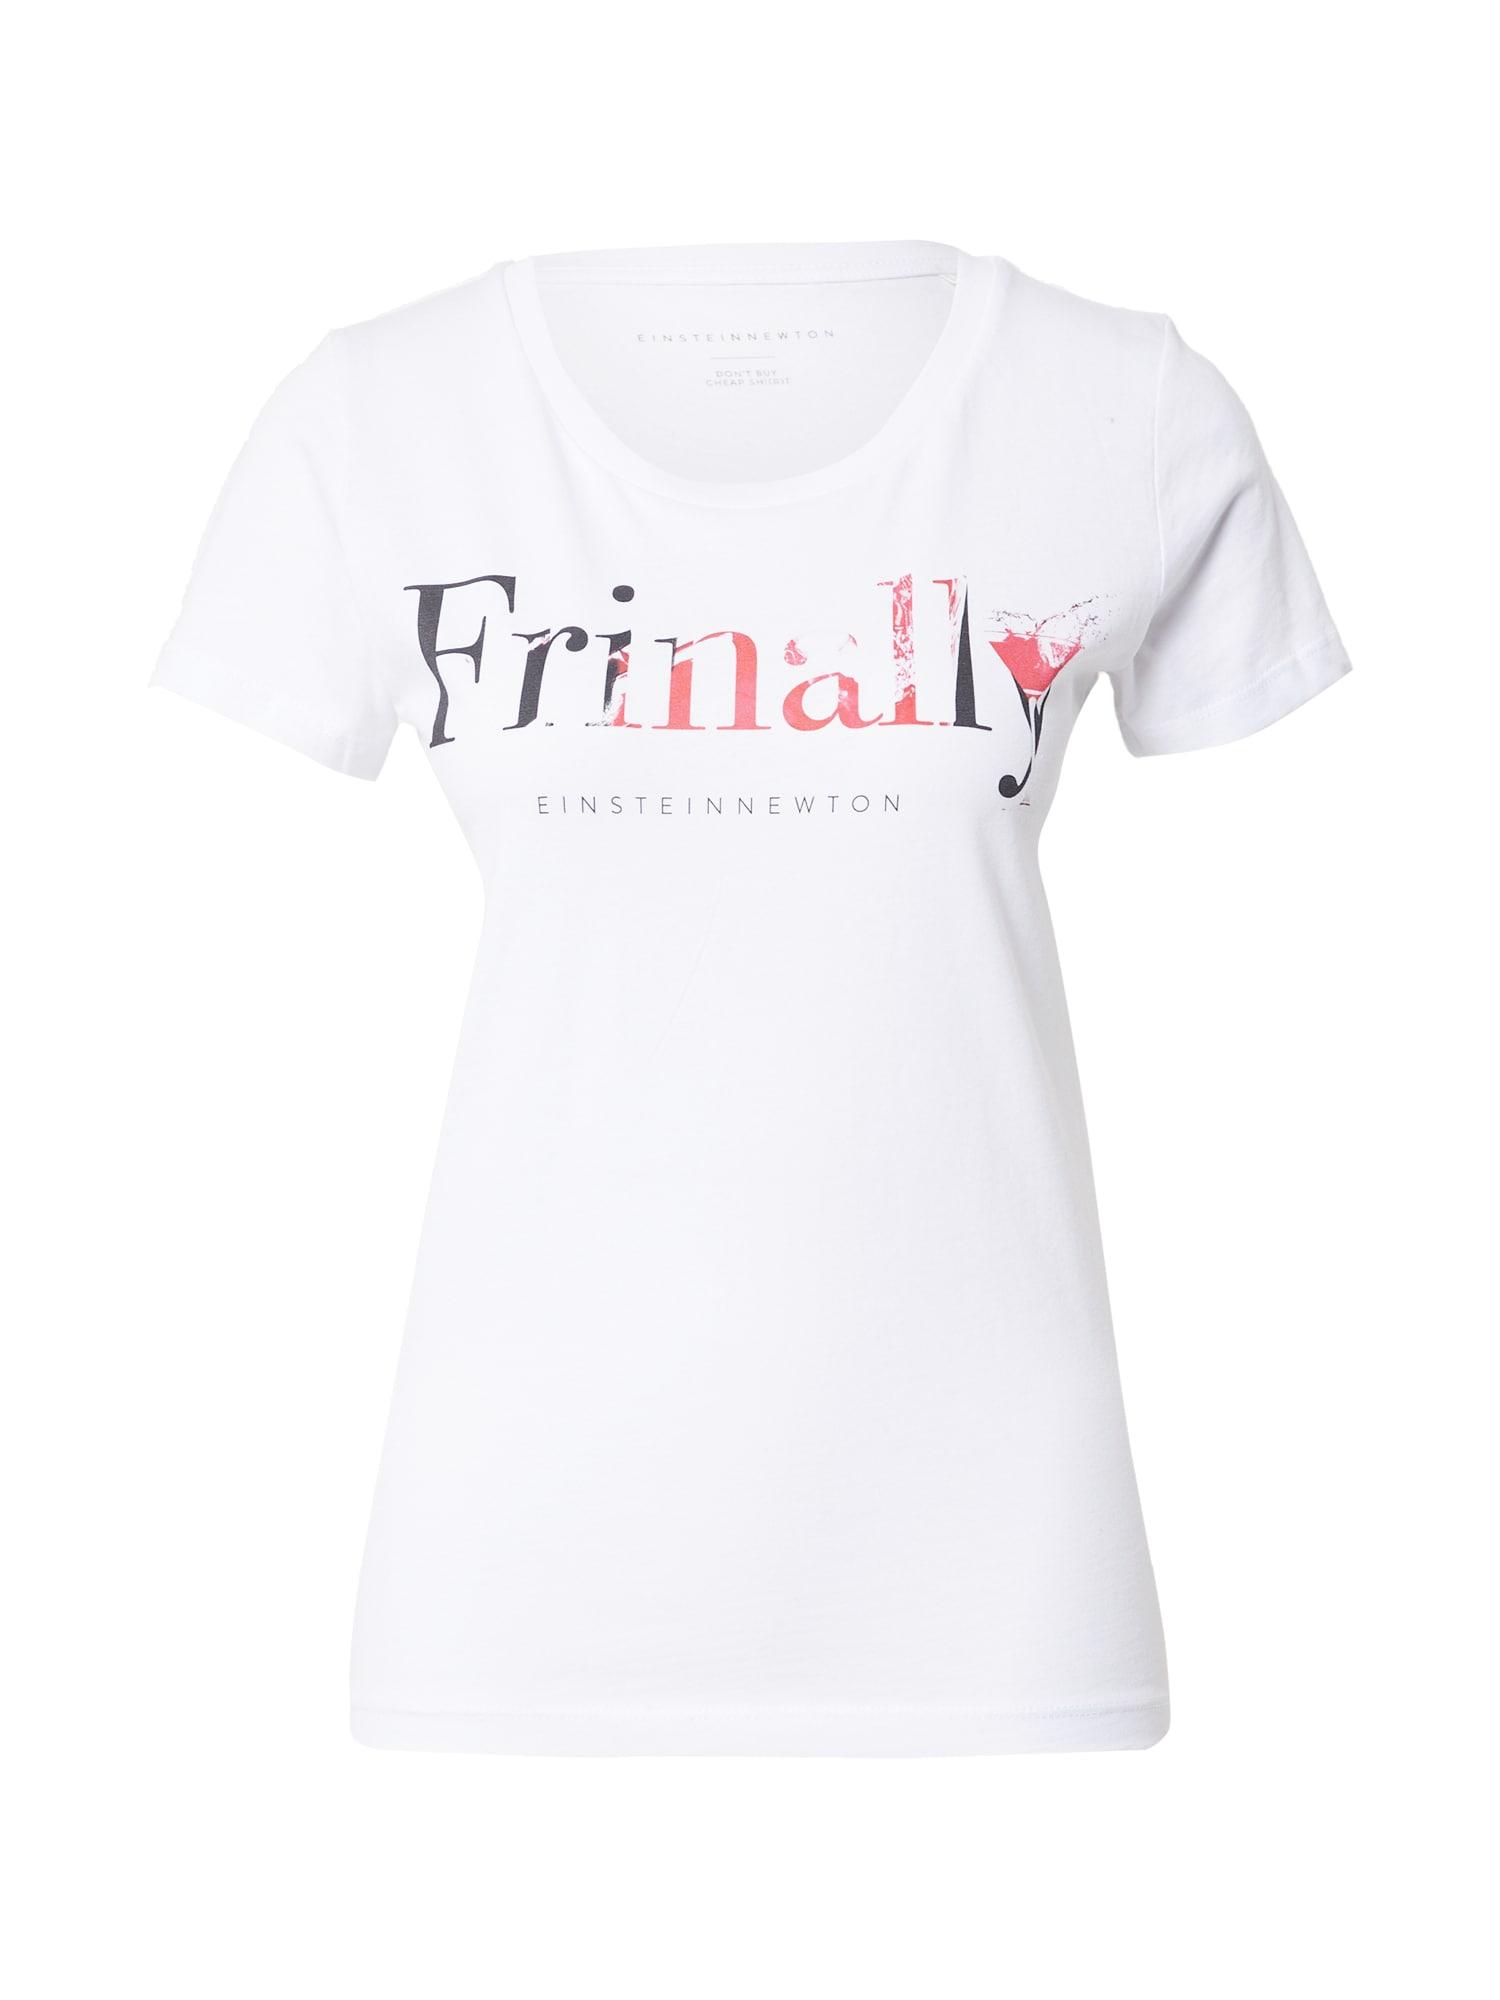 EINSTEIN & NEWTON Marškinėliai balta / juoda / šviesiai raudona